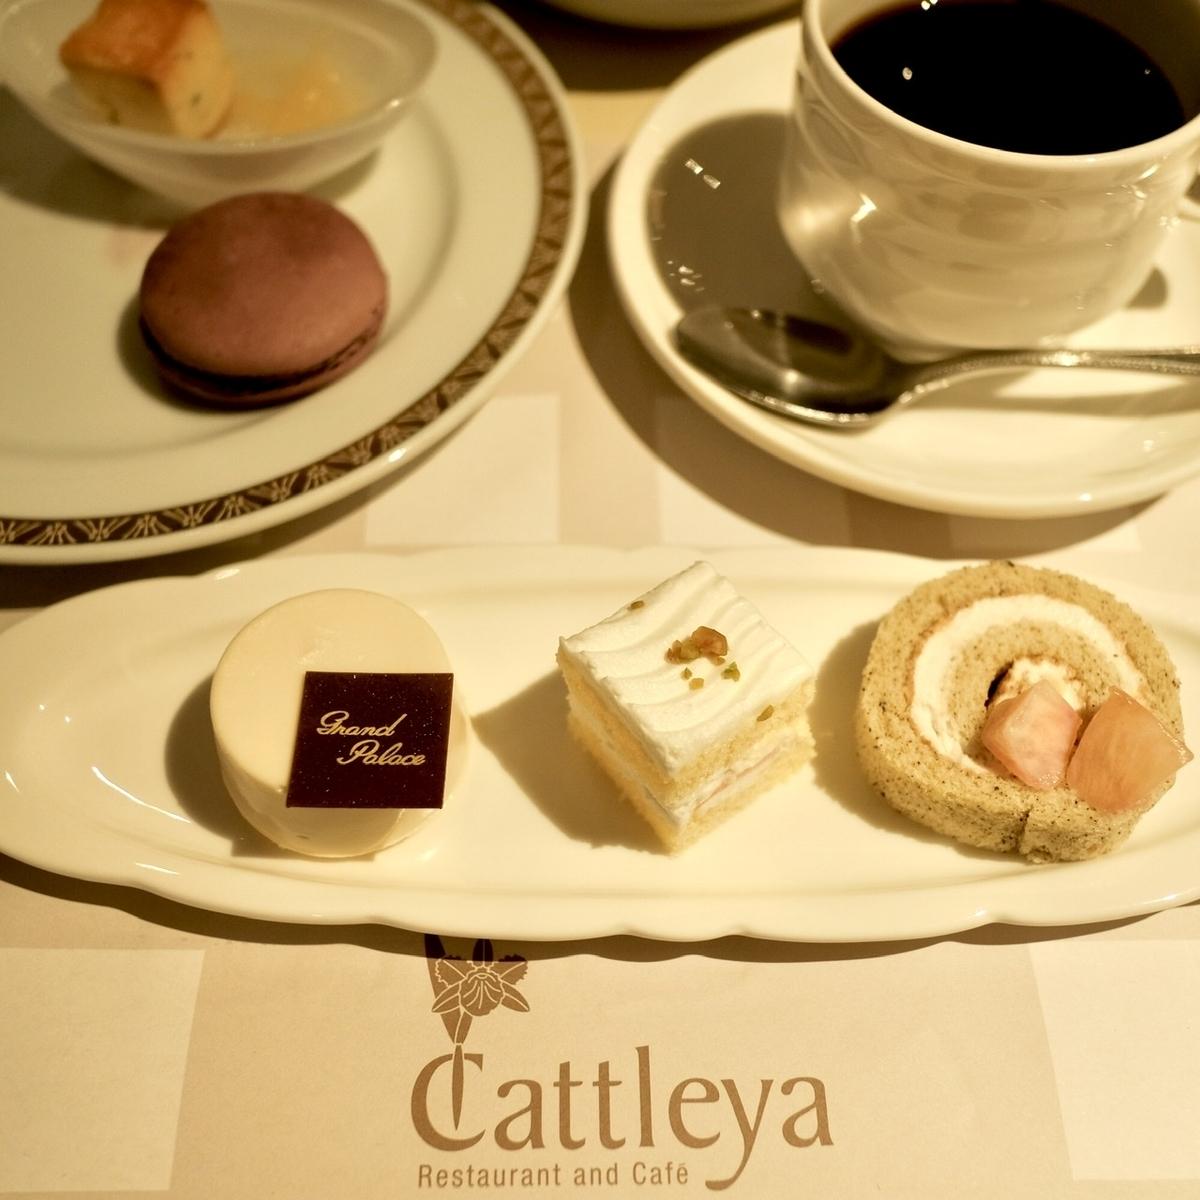 レアチーズケーキとショートケーキとロールケーキ